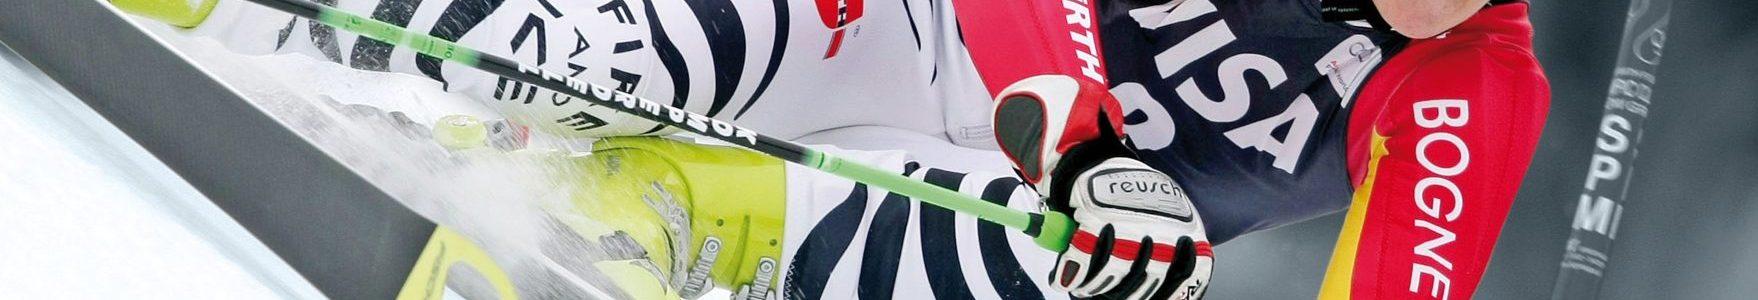 Hamburger Schneetage und Meisterschaften Ski Alpin 2019